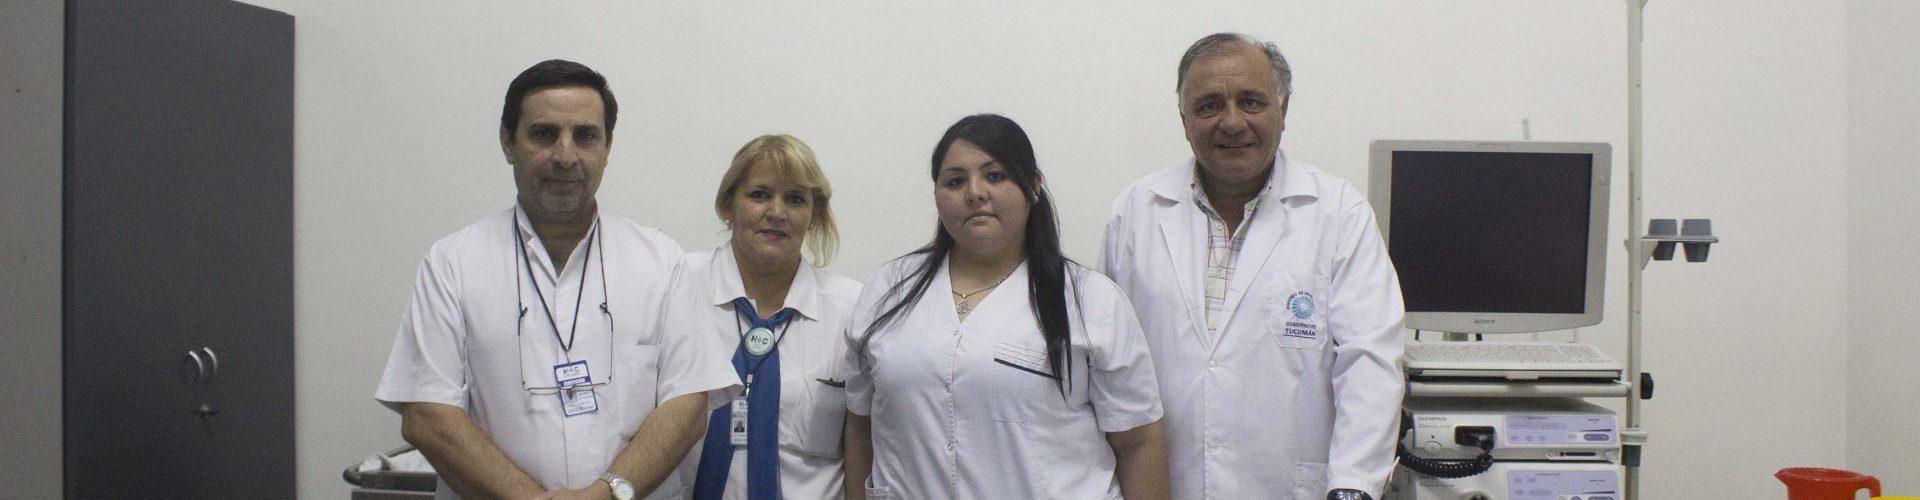 La Unidad de Gastroenterología realiza más de 140 estudios por mes